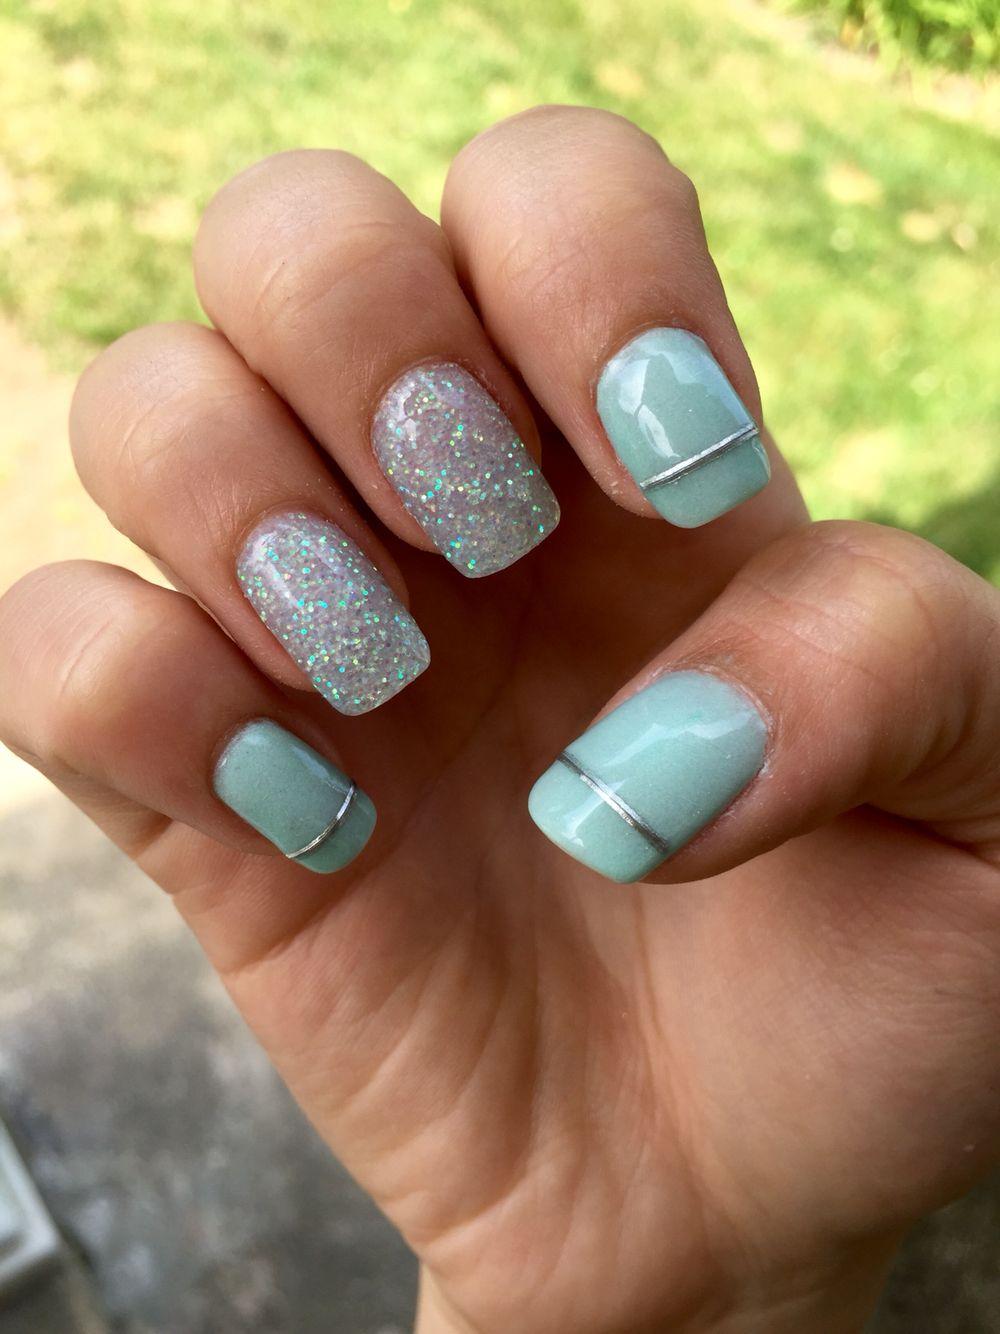 Cuties nails !